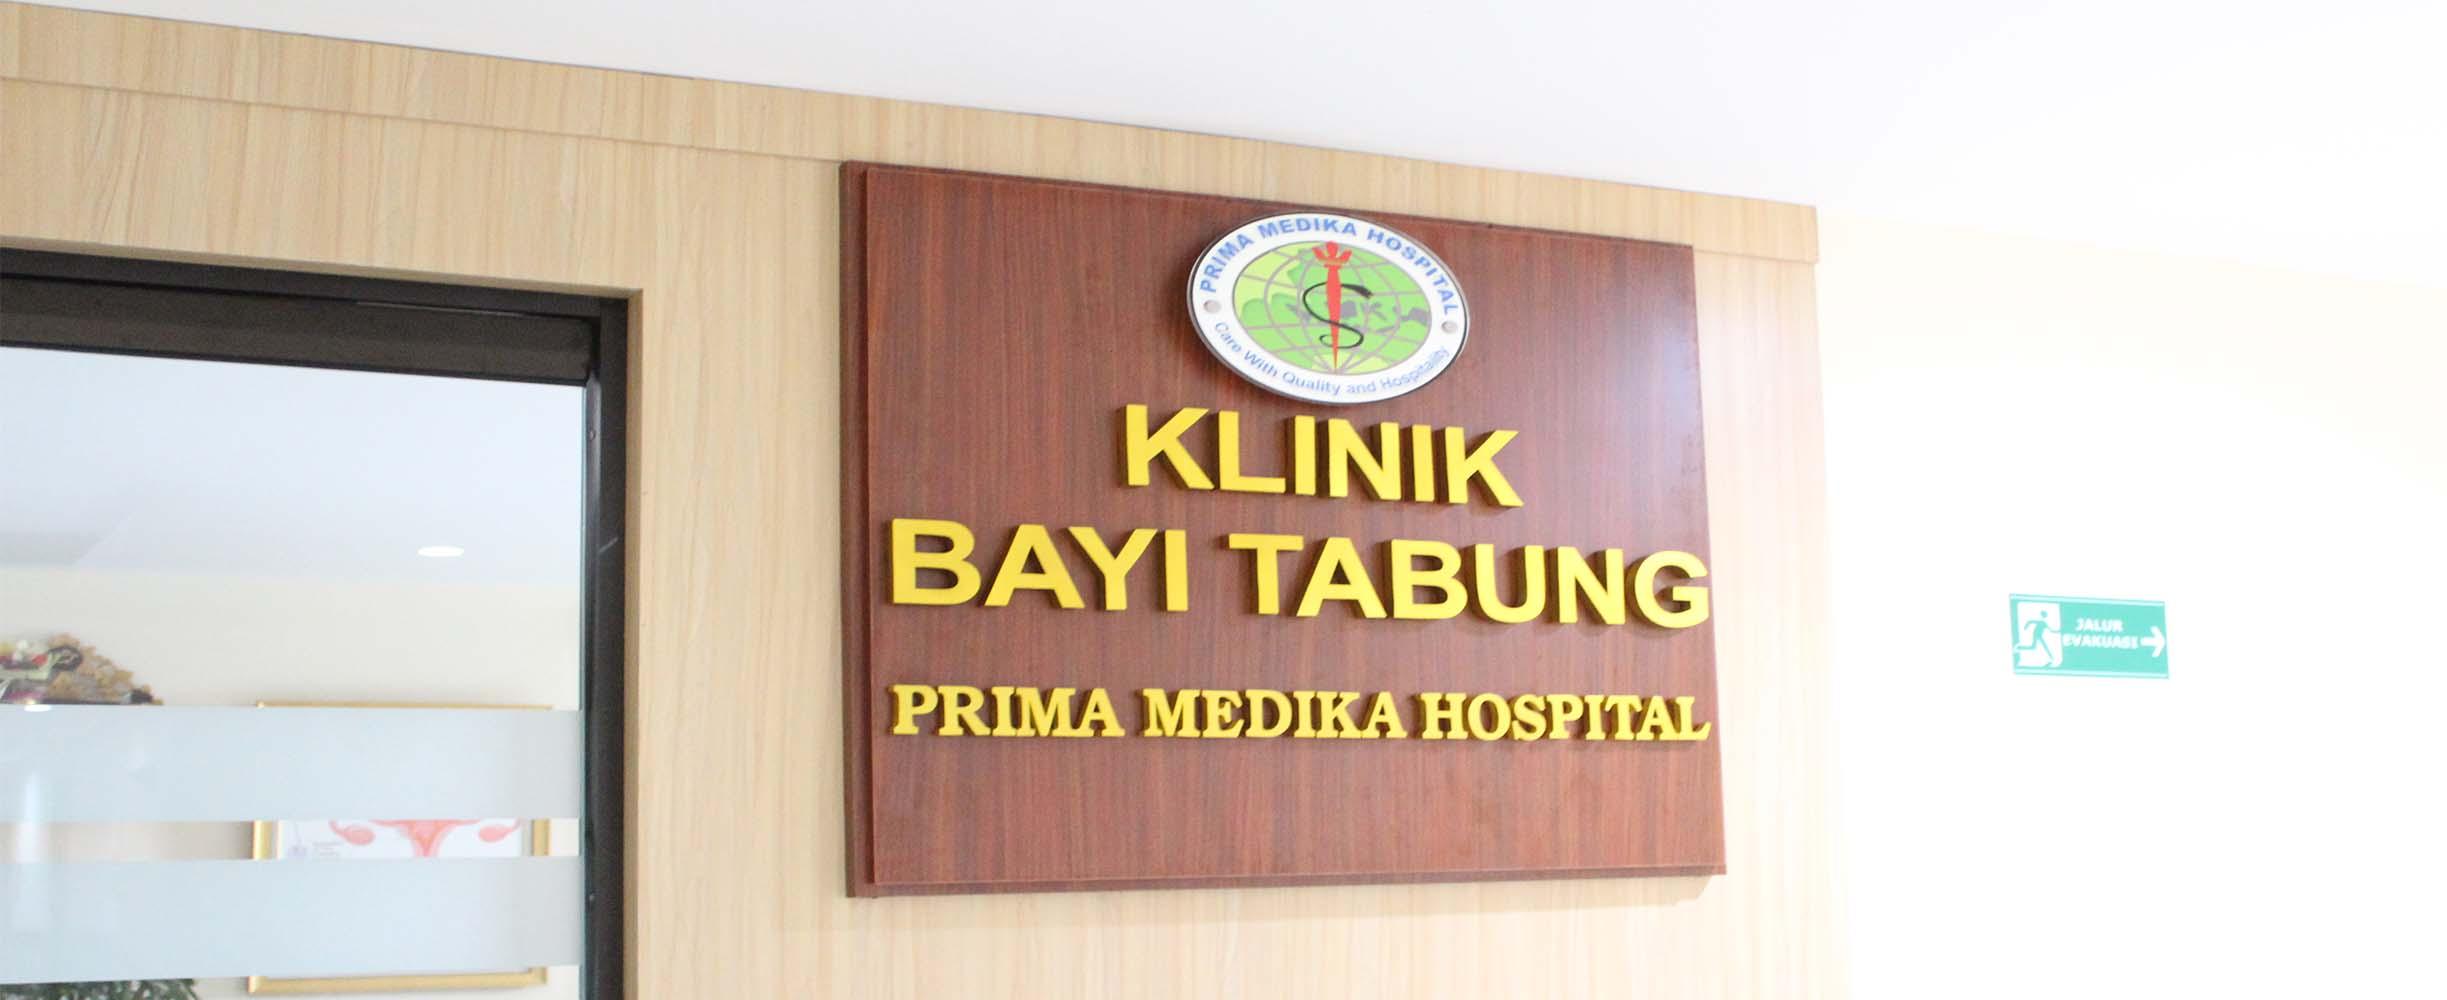 klinik bayi tabung